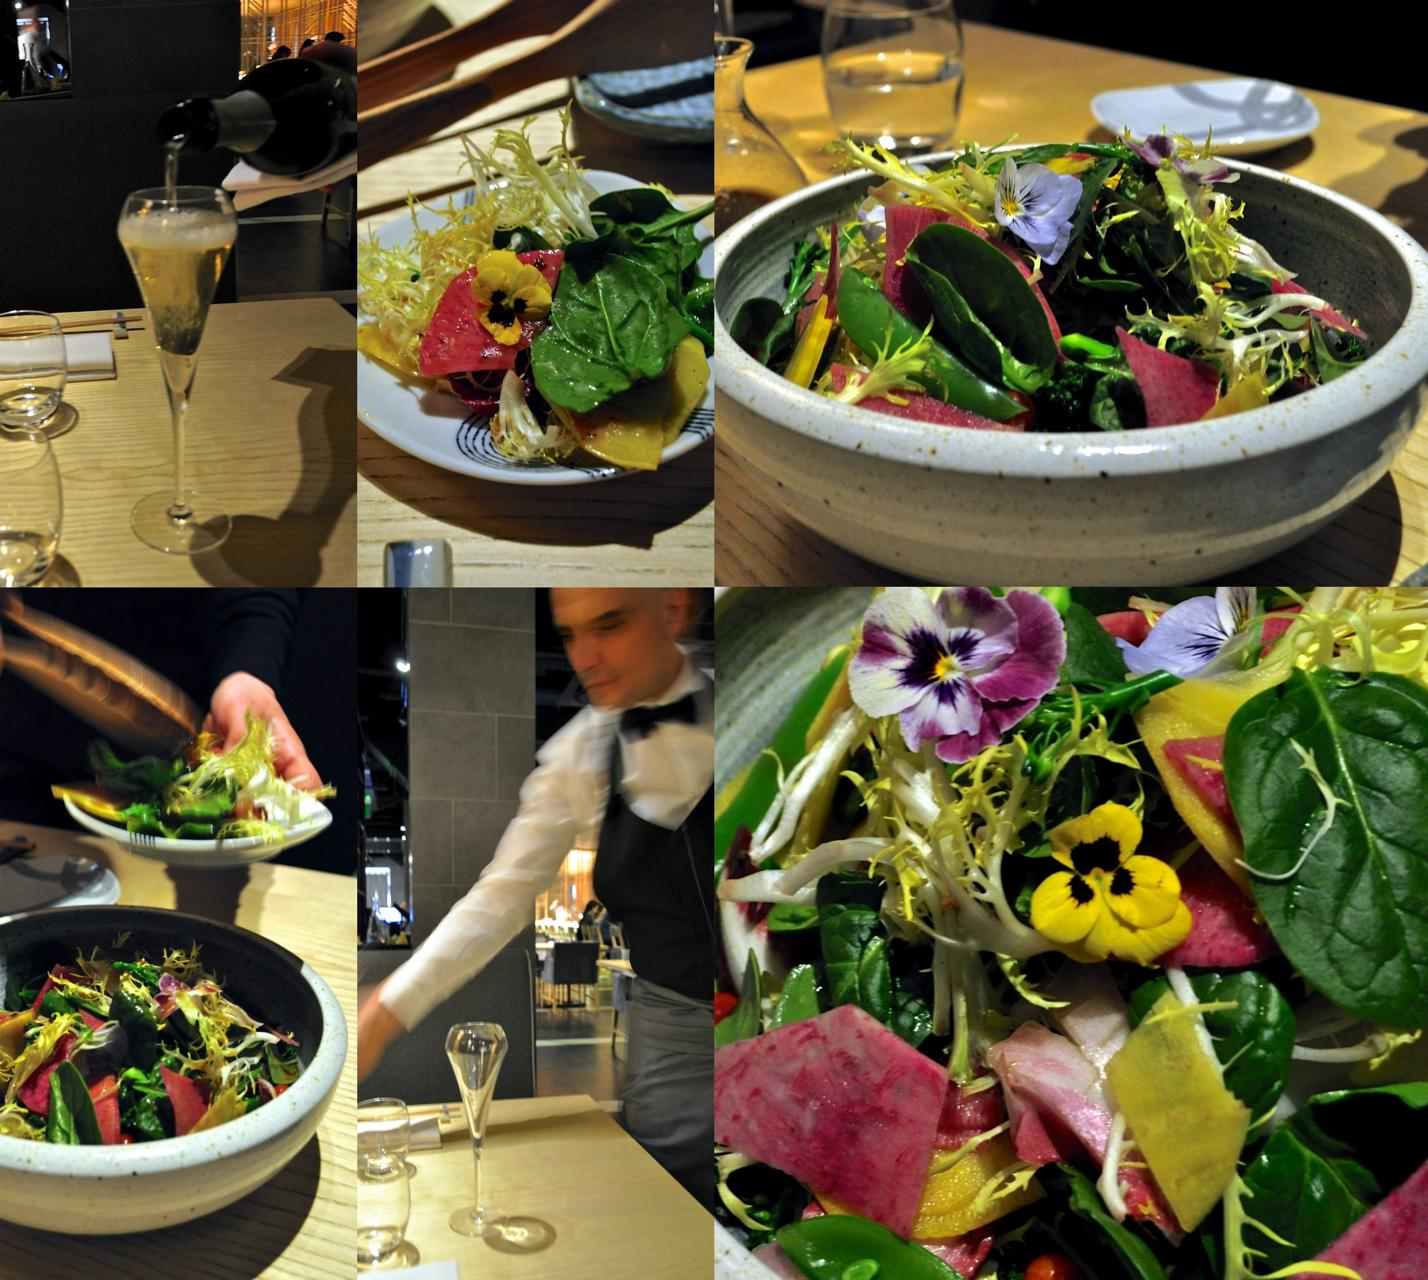 カラフルなオーガニック・サラダ♪ 梅ドレッシングが美味しかった